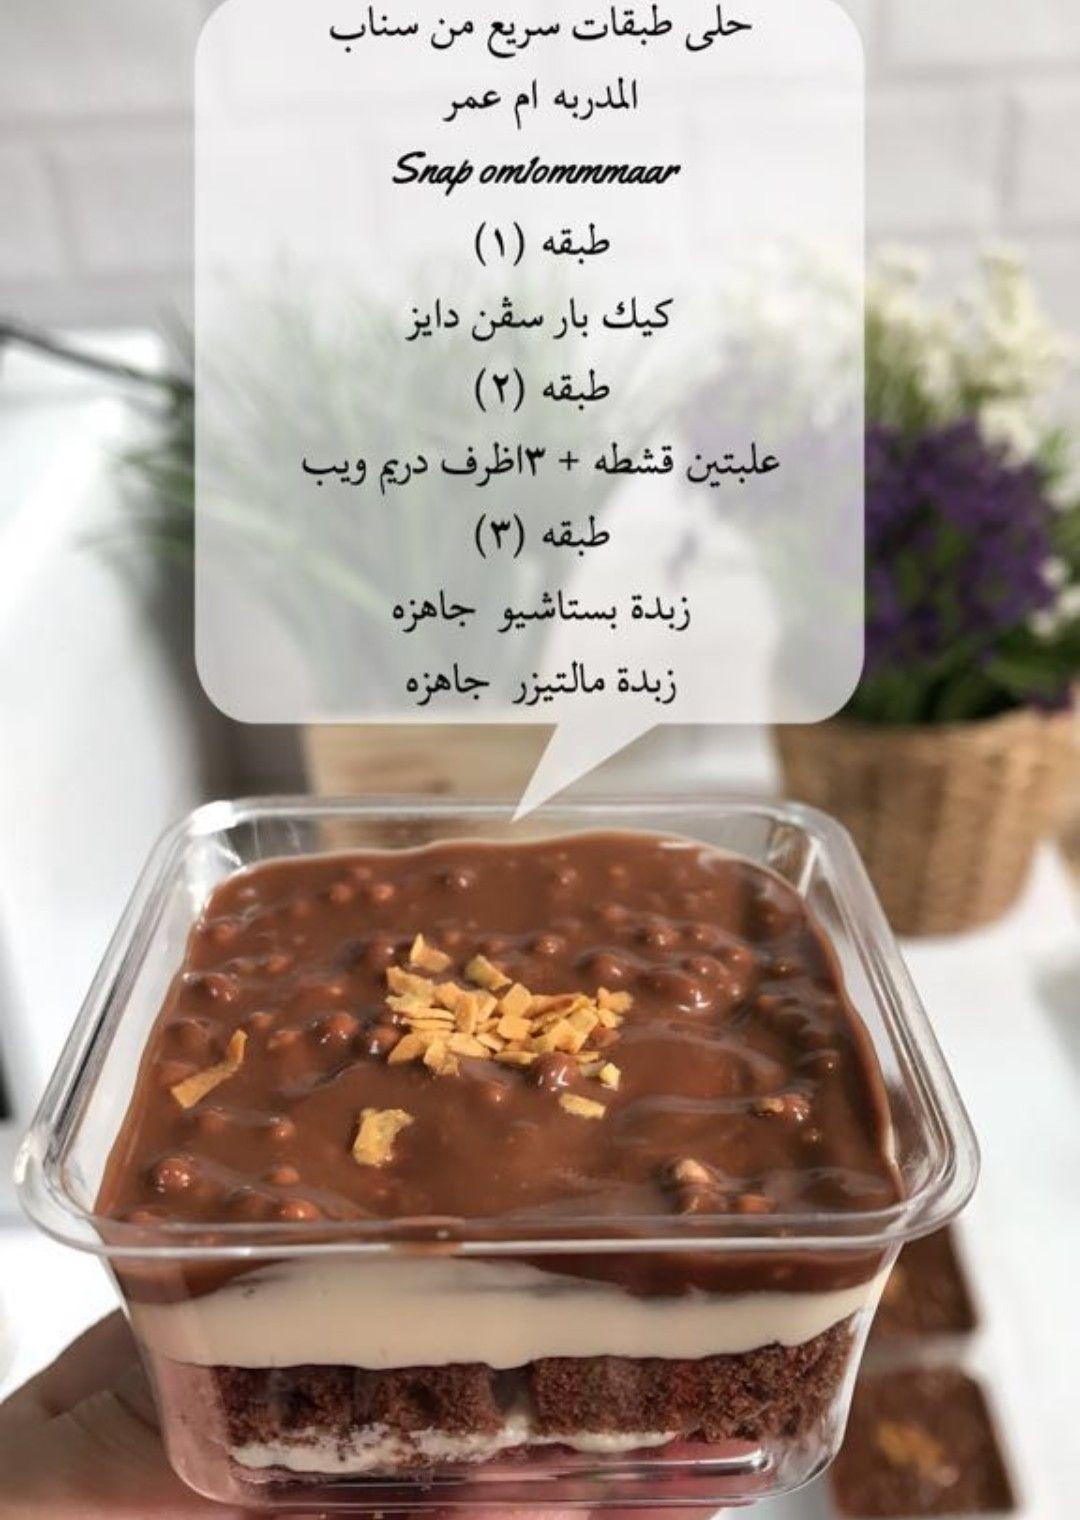 حلويات Yummy Food Dessert Food Videos Desserts Cooking Recipes Desserts